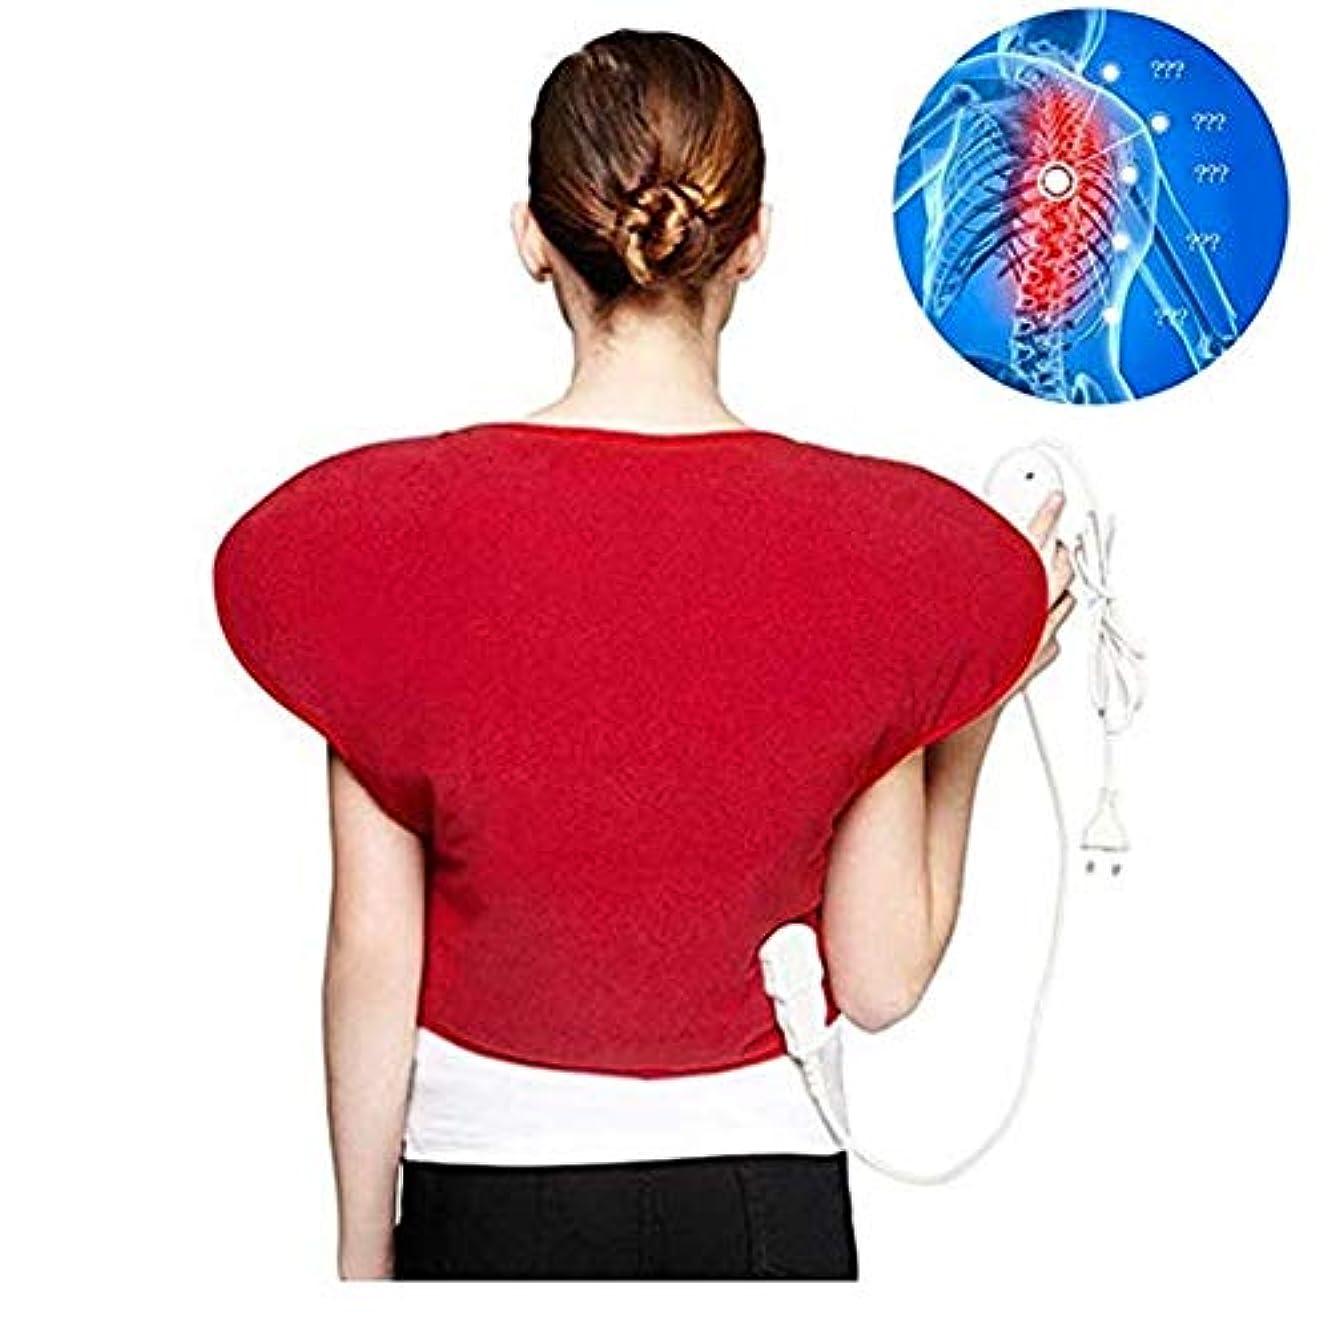 健全救出なんでも肩と首の電気ヒーターパッド - 物理的な痛みの救済ホットヒートのベスト、3ファイル一定の温度、自動パワーオフ、医療用品蝶形のマッサージのヒートパッド